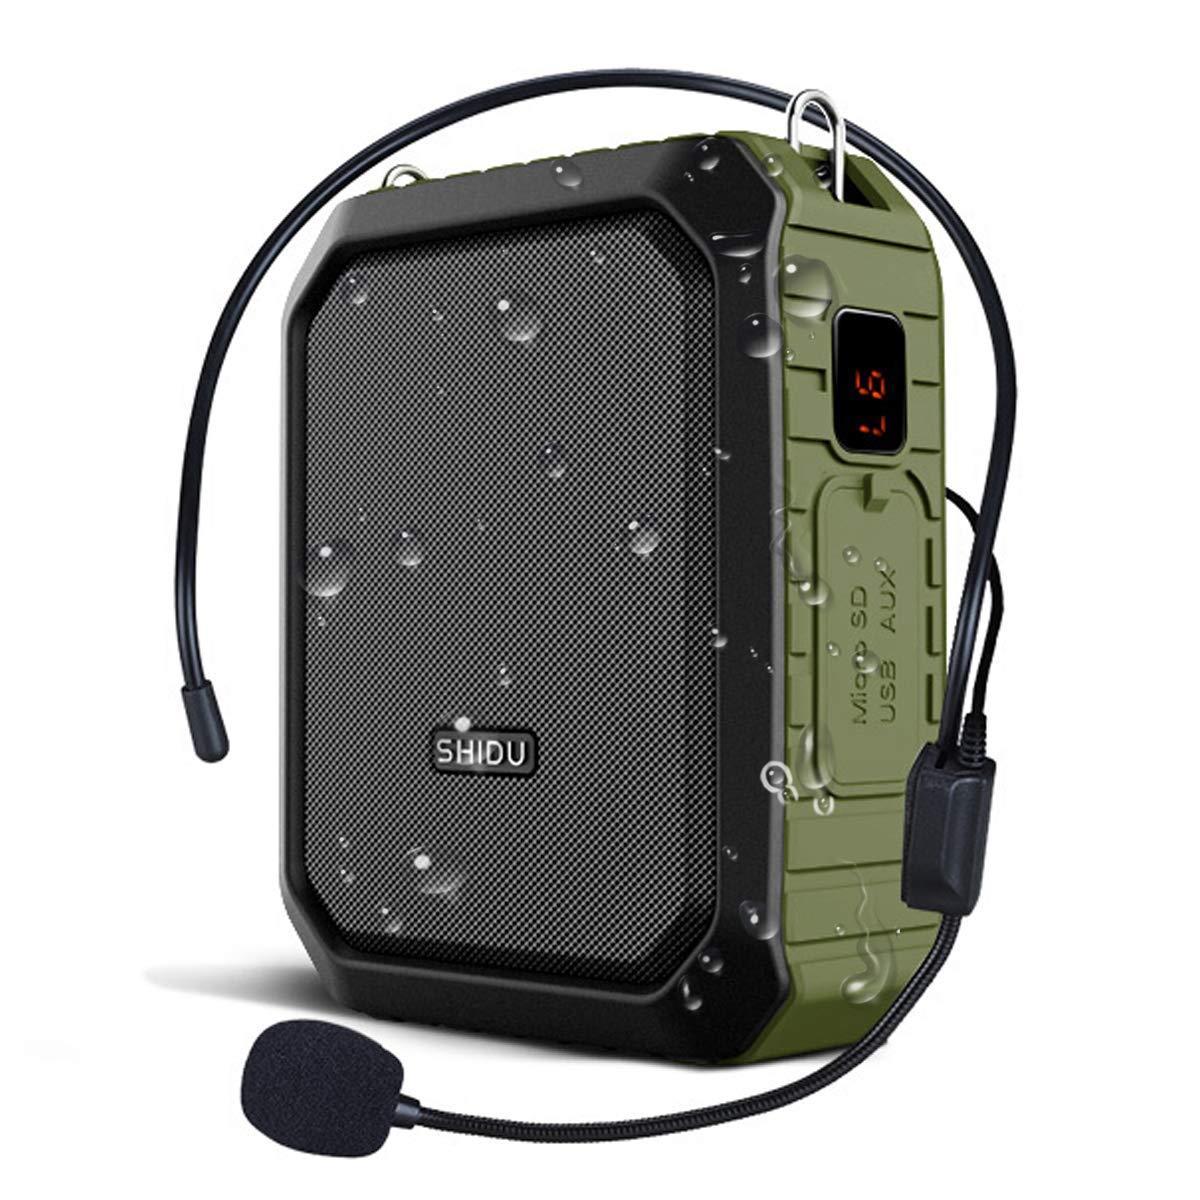 WinBridge Amplificador de Voz con Cable micrófono Auricular megáfono Clip Amp Portable Bluetooth Altavoz Potencia Banco Resistente al Agua IPX5 WB800